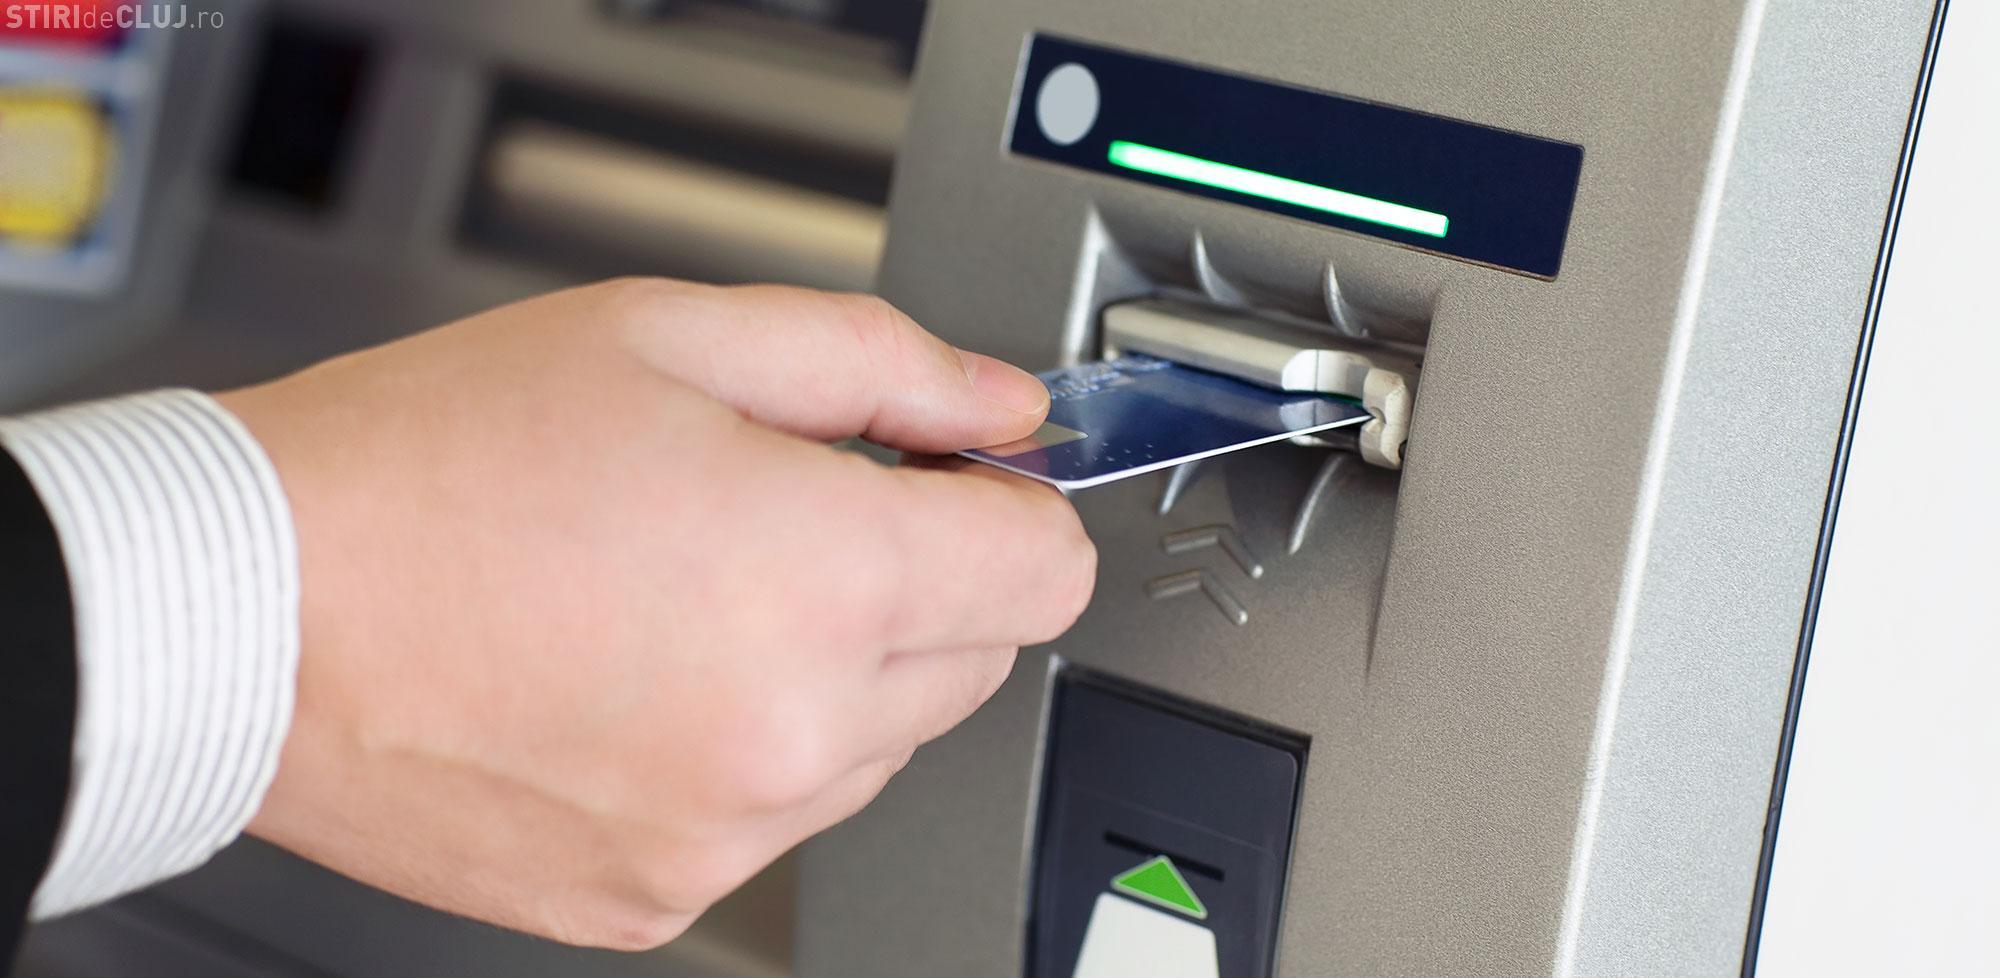 Jaf istoric! 100 de hackeri au furat aproape 13 milioane de dolaridin bancomate în doar câteva ore